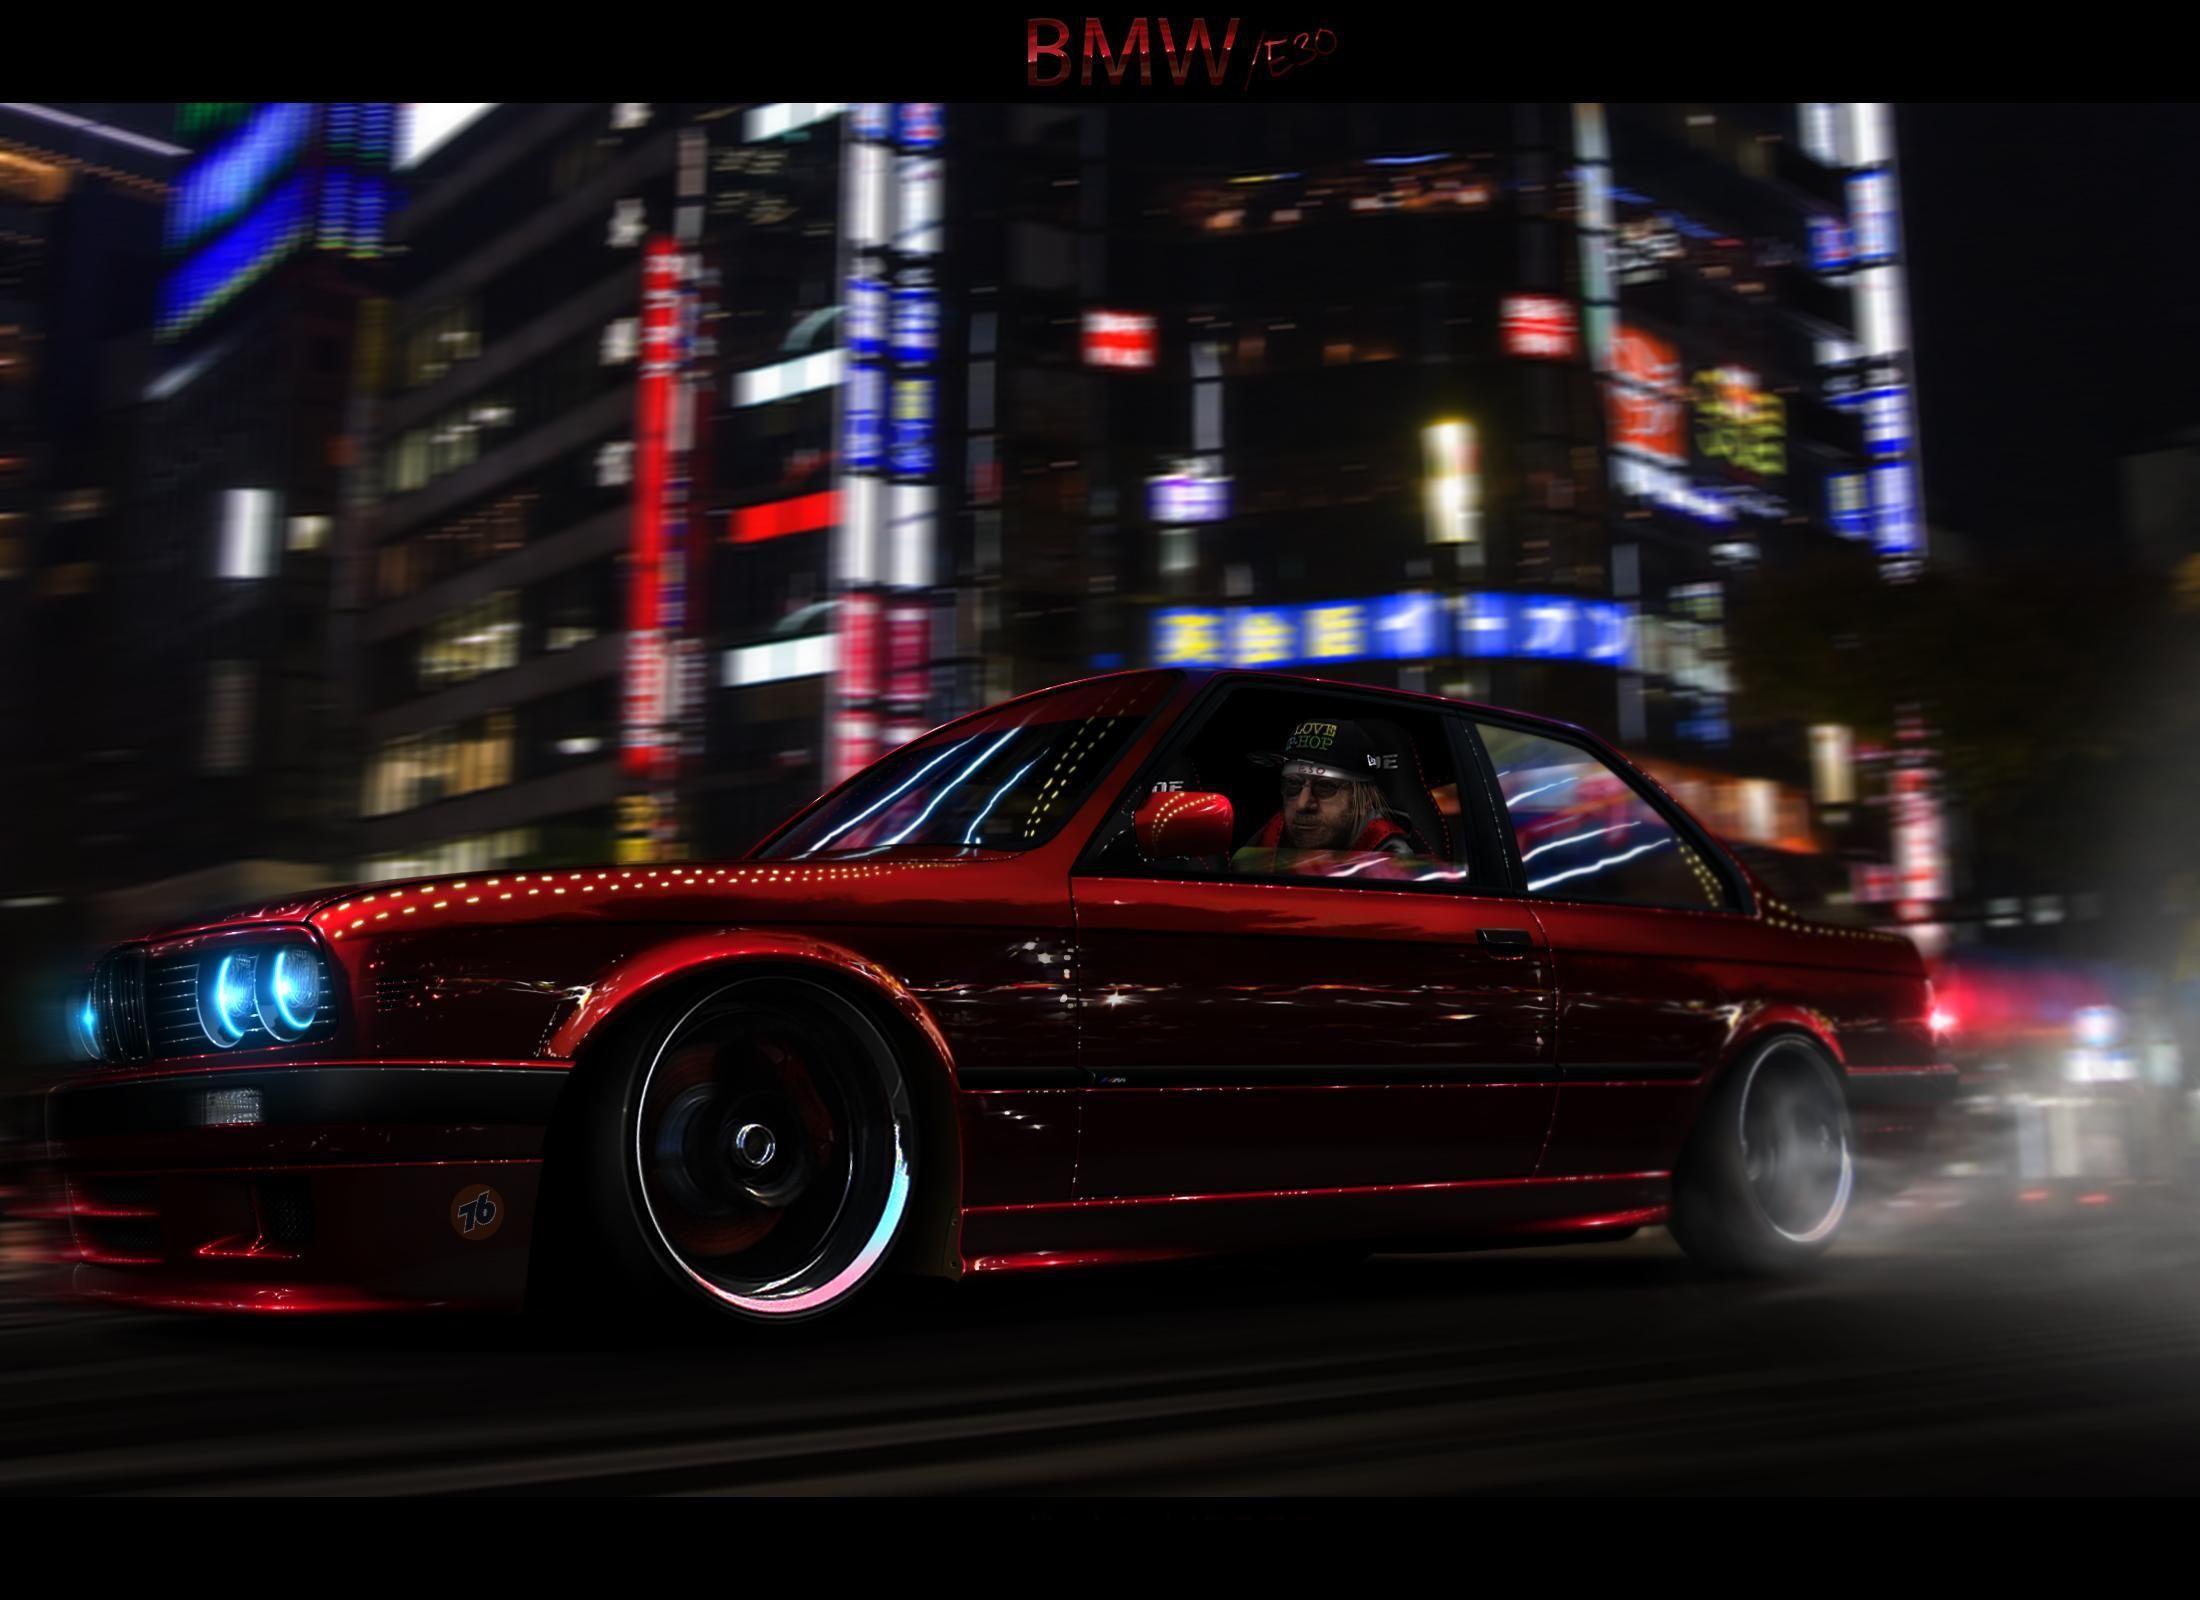 Bmw Bmw M1 Bmw M3 Red Bmw E36 Tuner Car Black Blue Wallpaper Resolution 2200x1600 Id 925567 Wallha Com